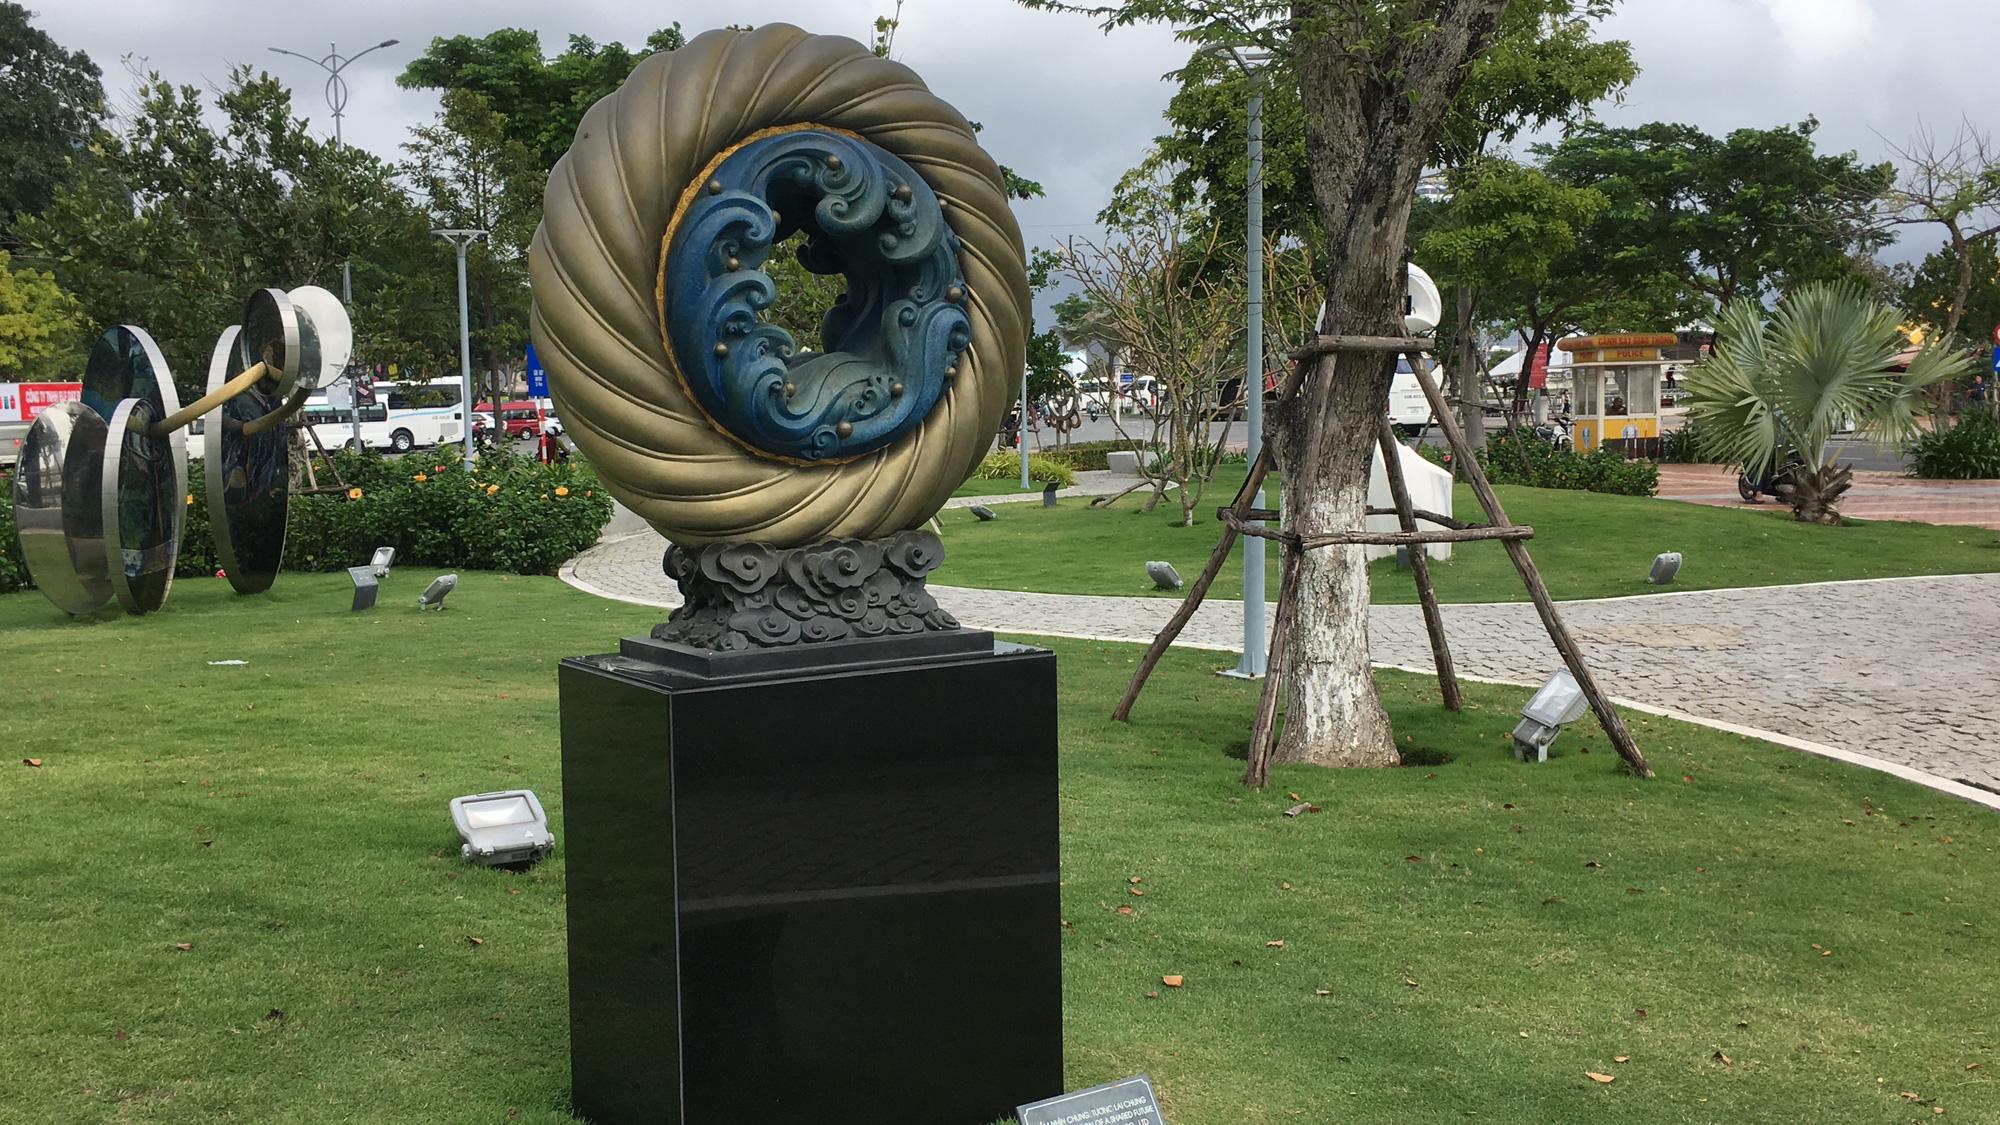 Đà Nẵng thu hồi 2 lô đất vàng, mở rộng Công viên APEC cho người dân vui chơi - Ảnh 1.